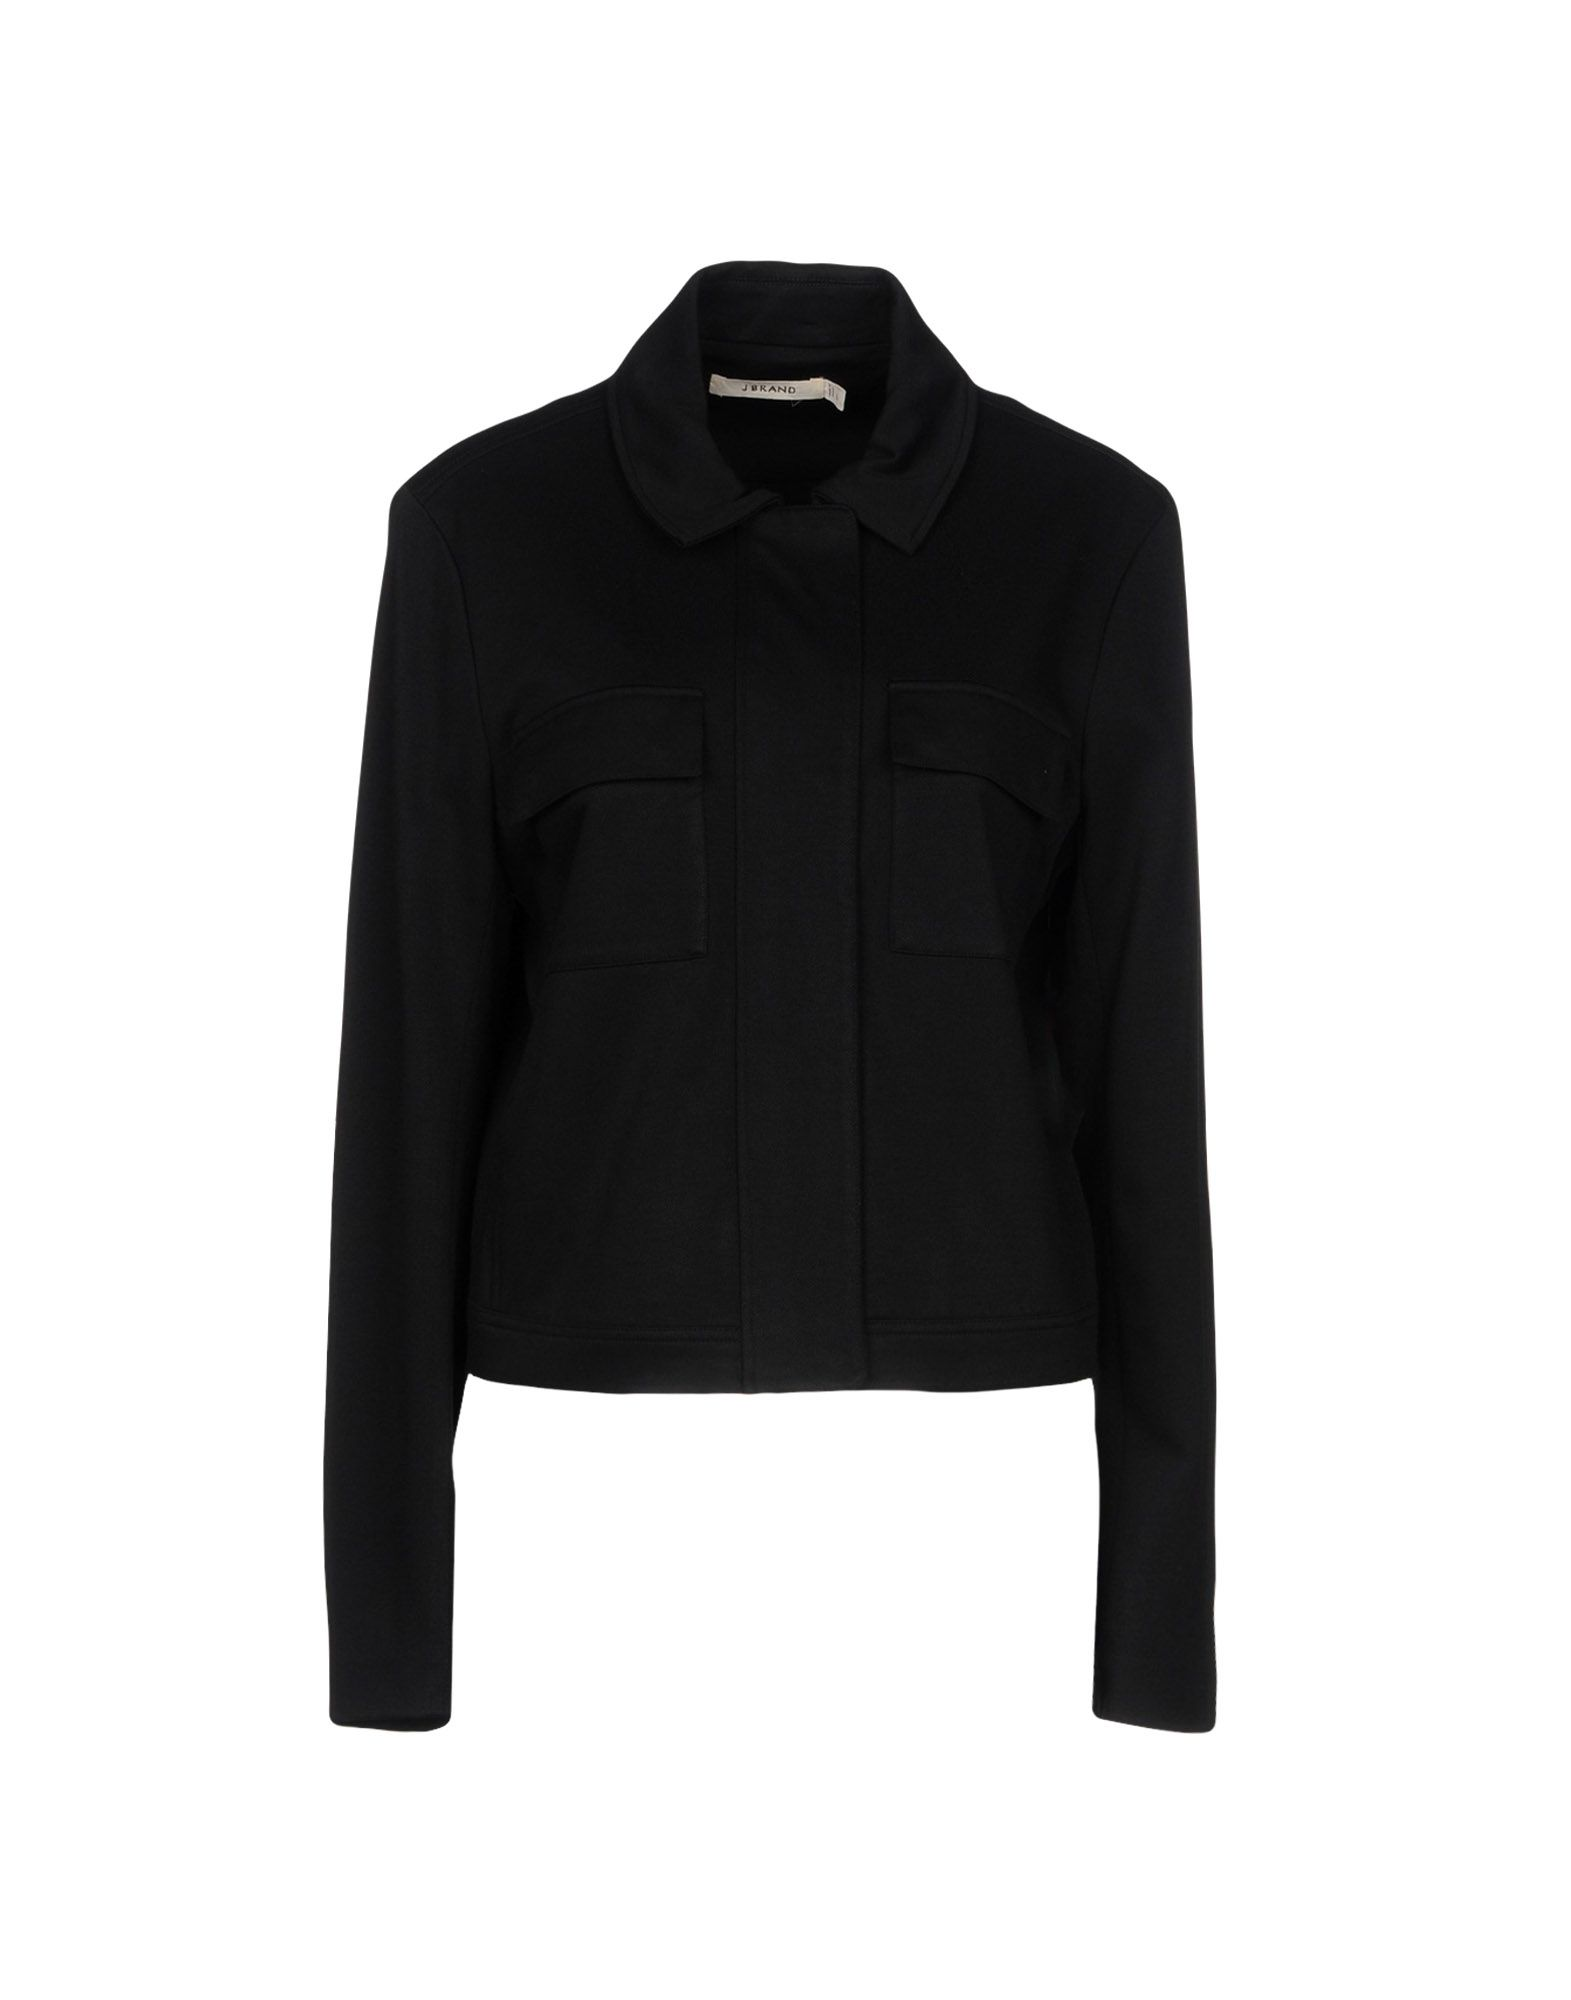 Фото - J BRAND Куртка куртка its own brand 502